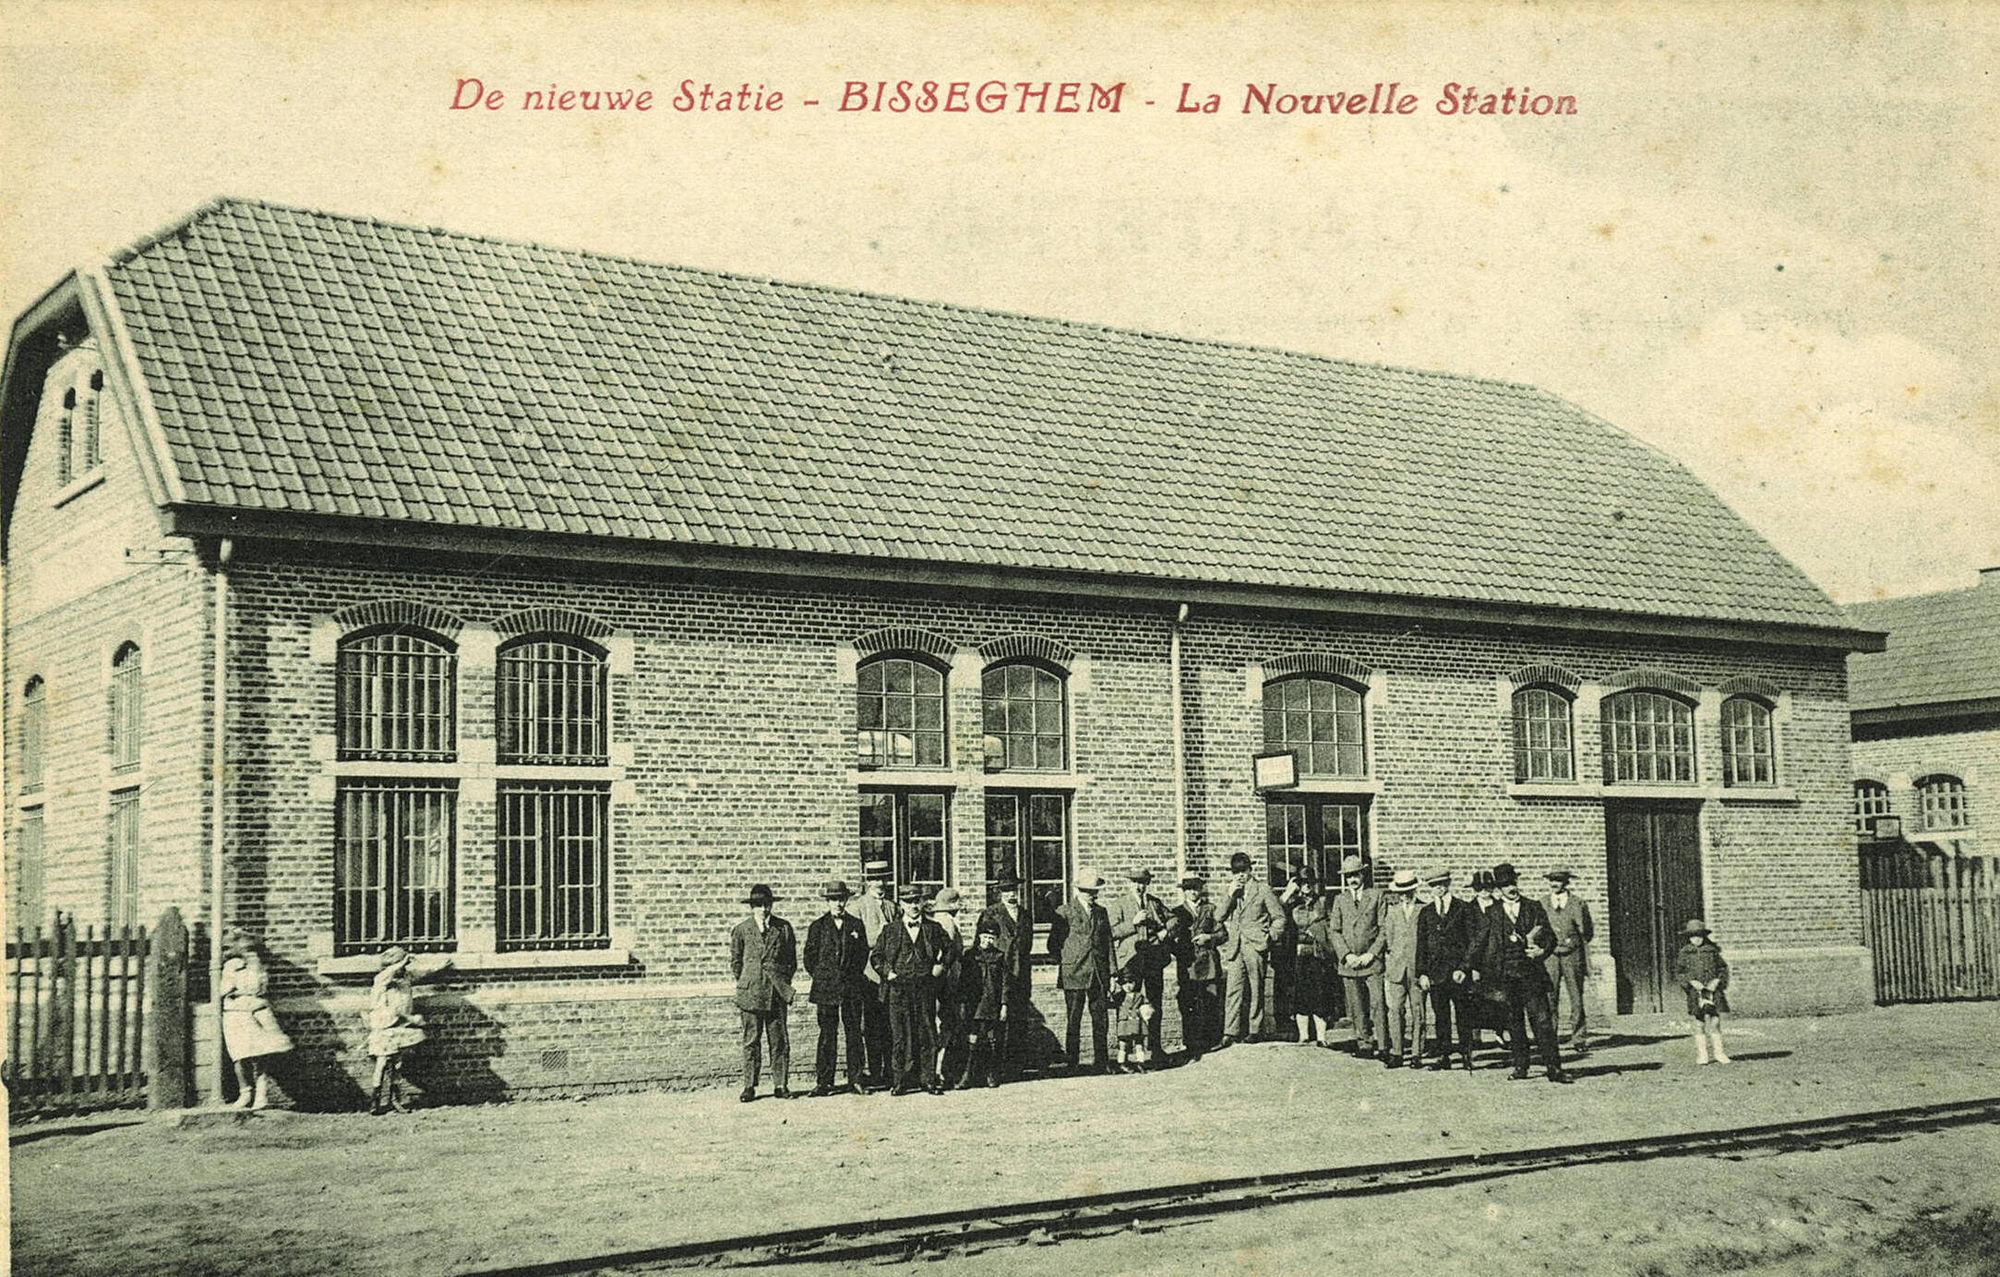 Bissegem station